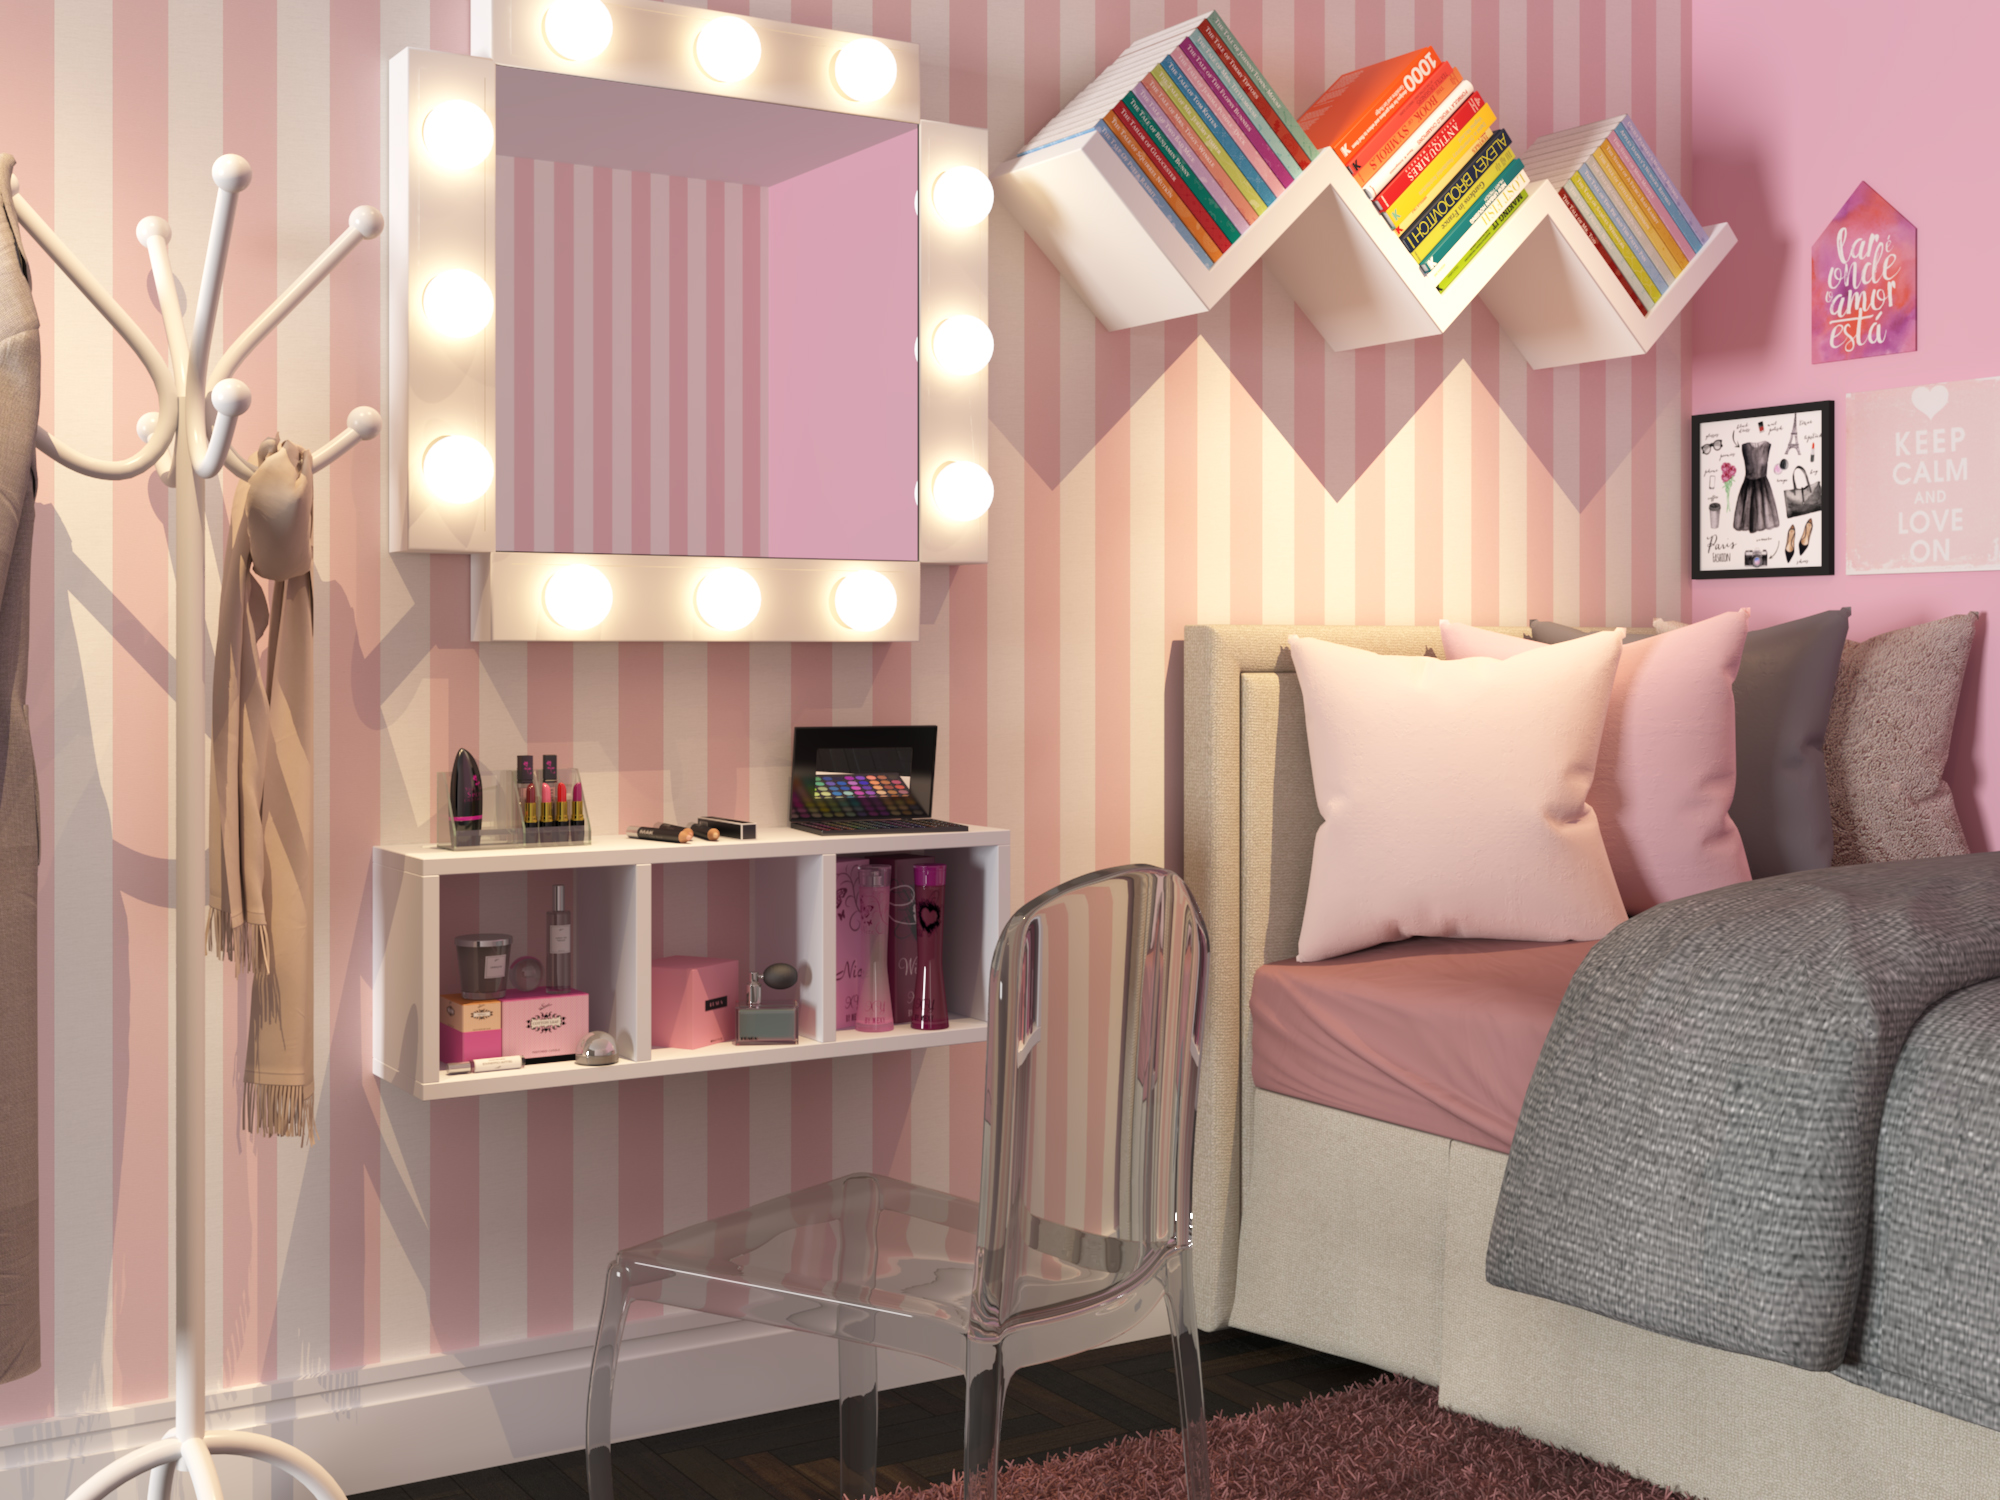 Quarto Pequeno Com Decora O Blush Pink Leroy Merlin ~ Quarto Cinza Feminino Com Nichos Quarto De Menina